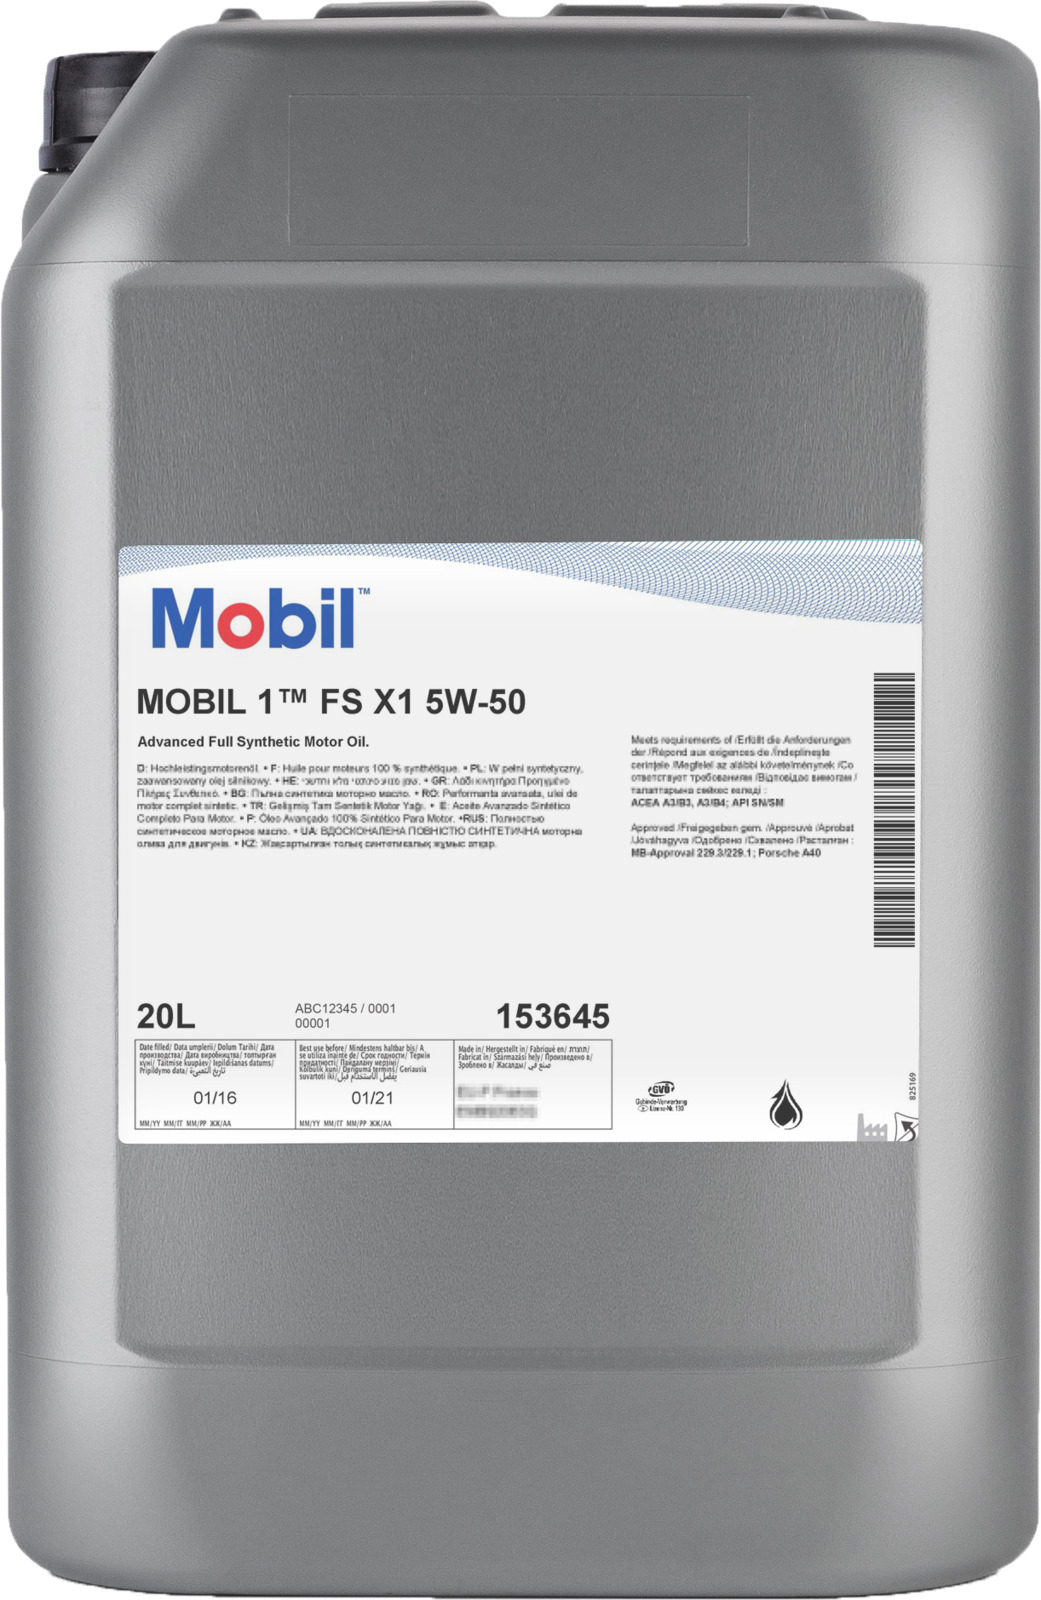 Моторное масло Mobil 1 FS x1, синтетическое, 5W-50, 20 л масло моторное mobil 1 fs x1 5w40 1л